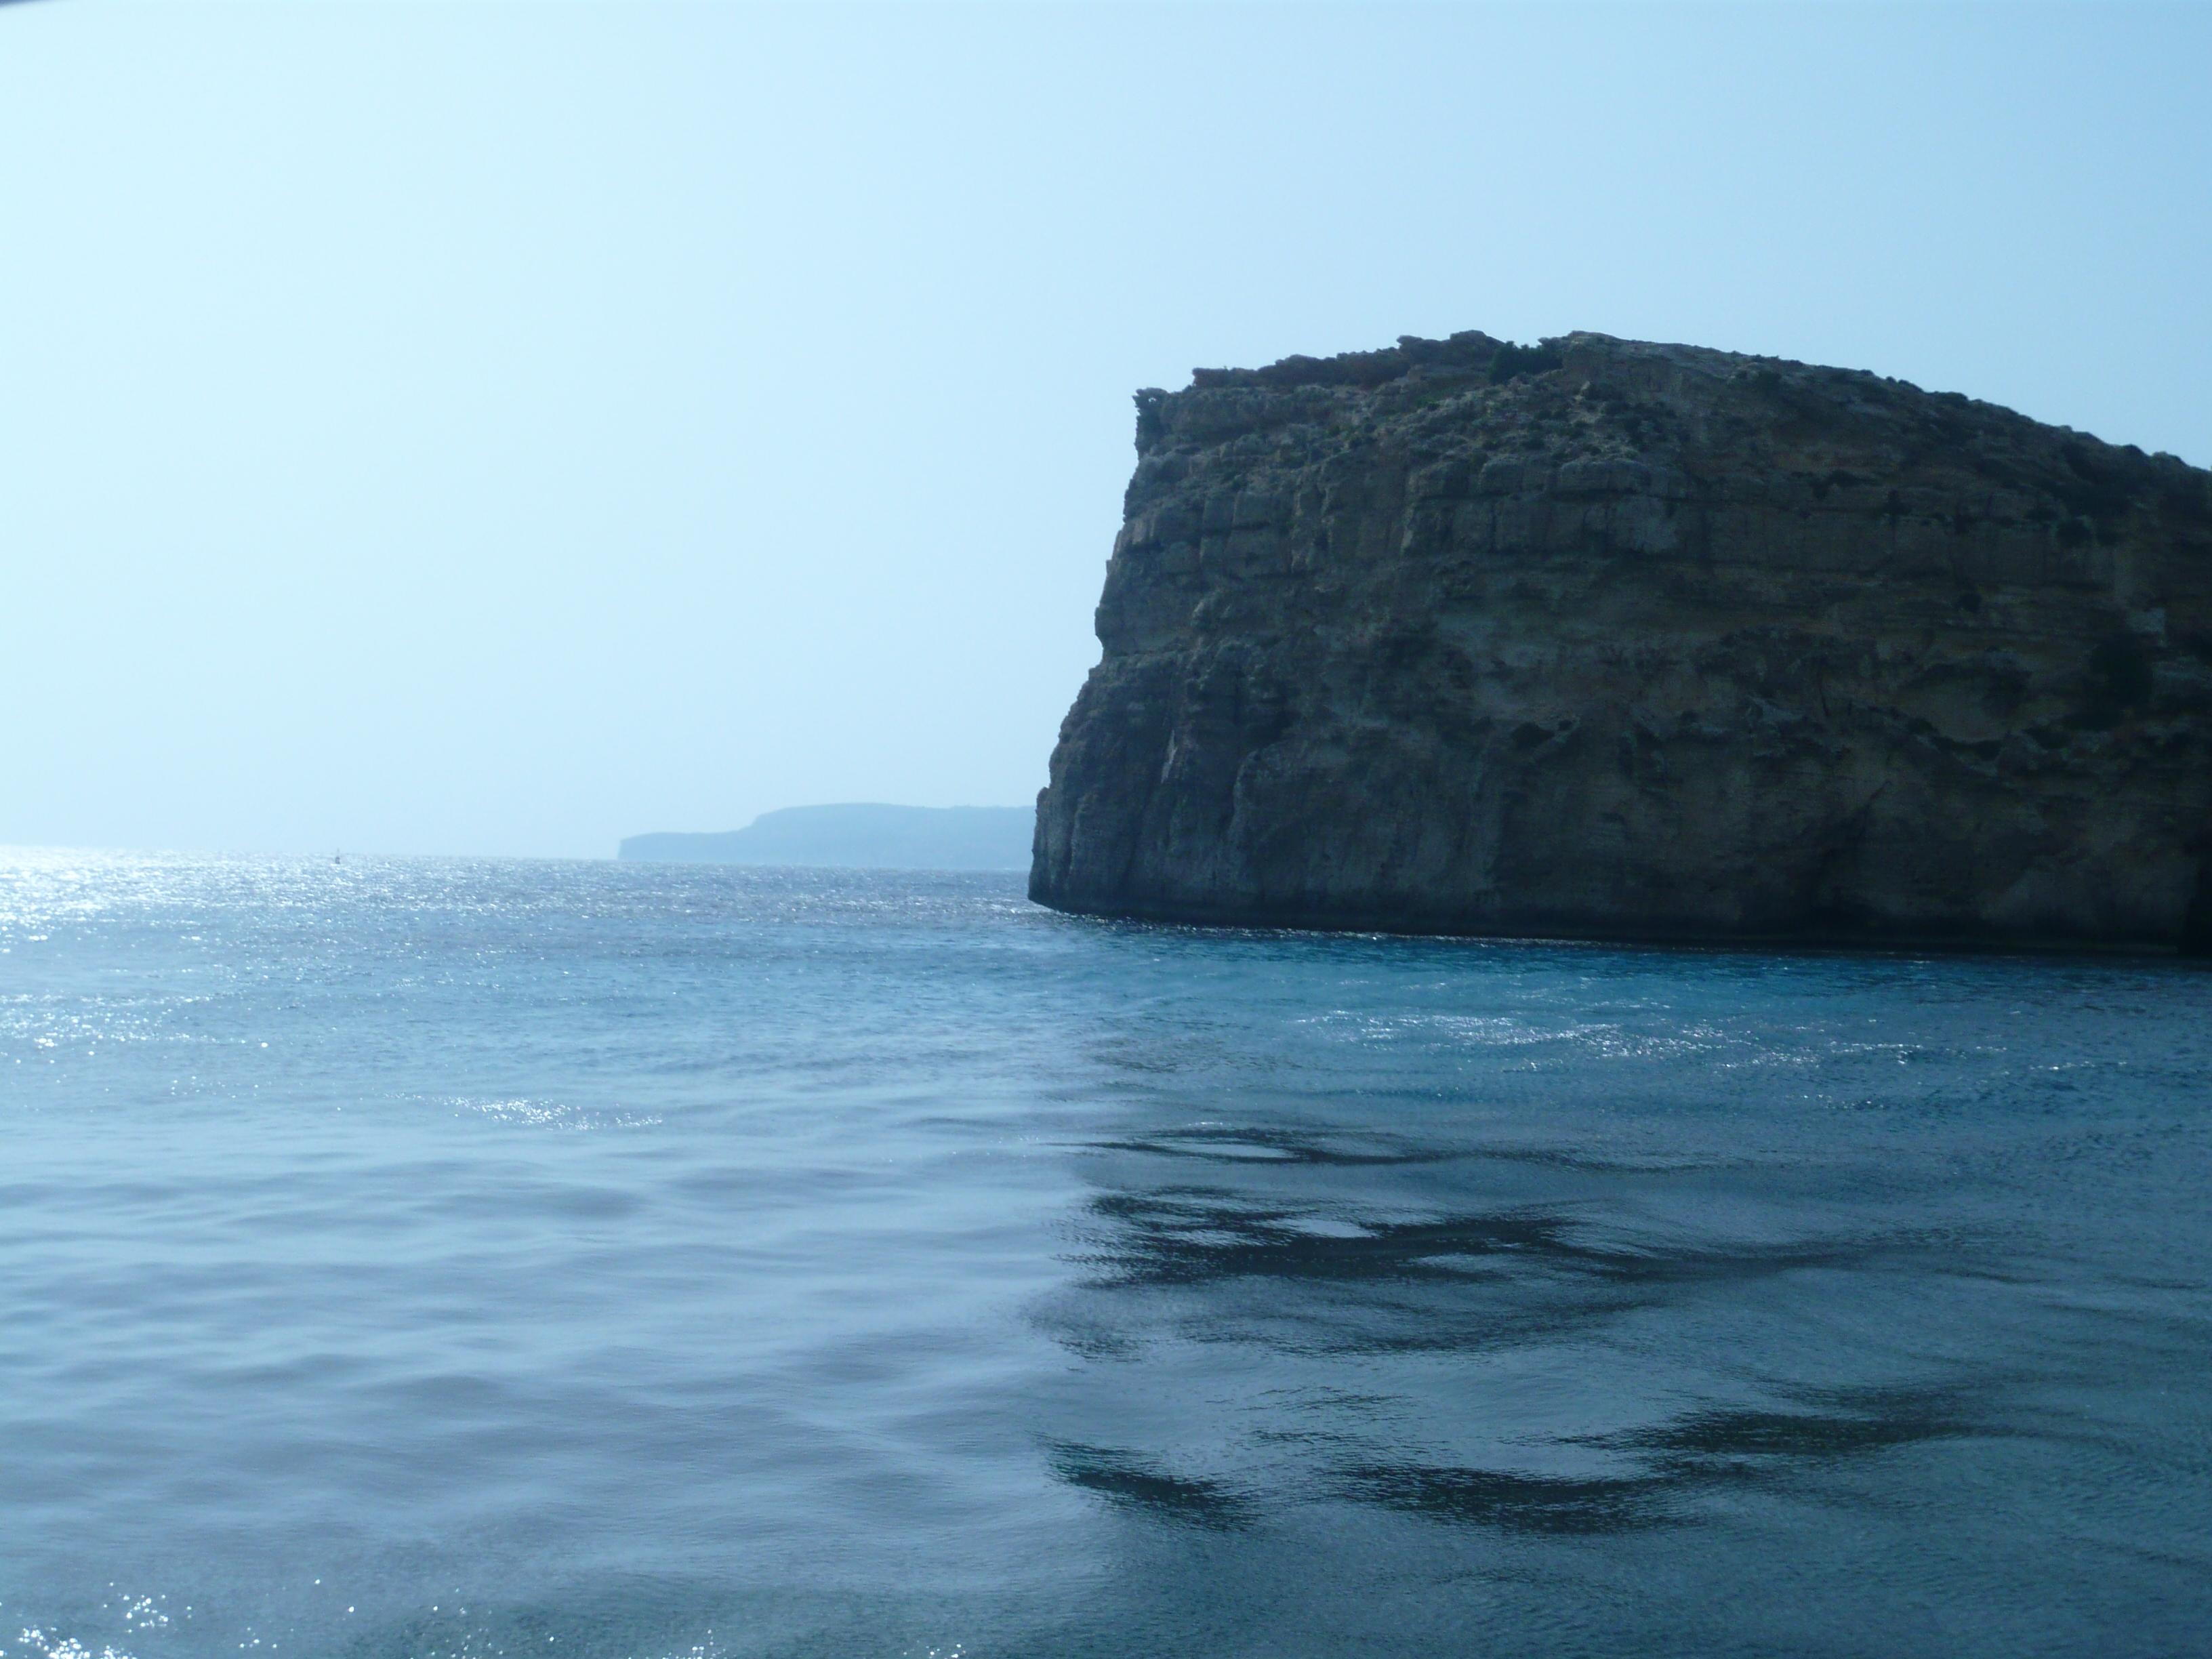 Malta shore